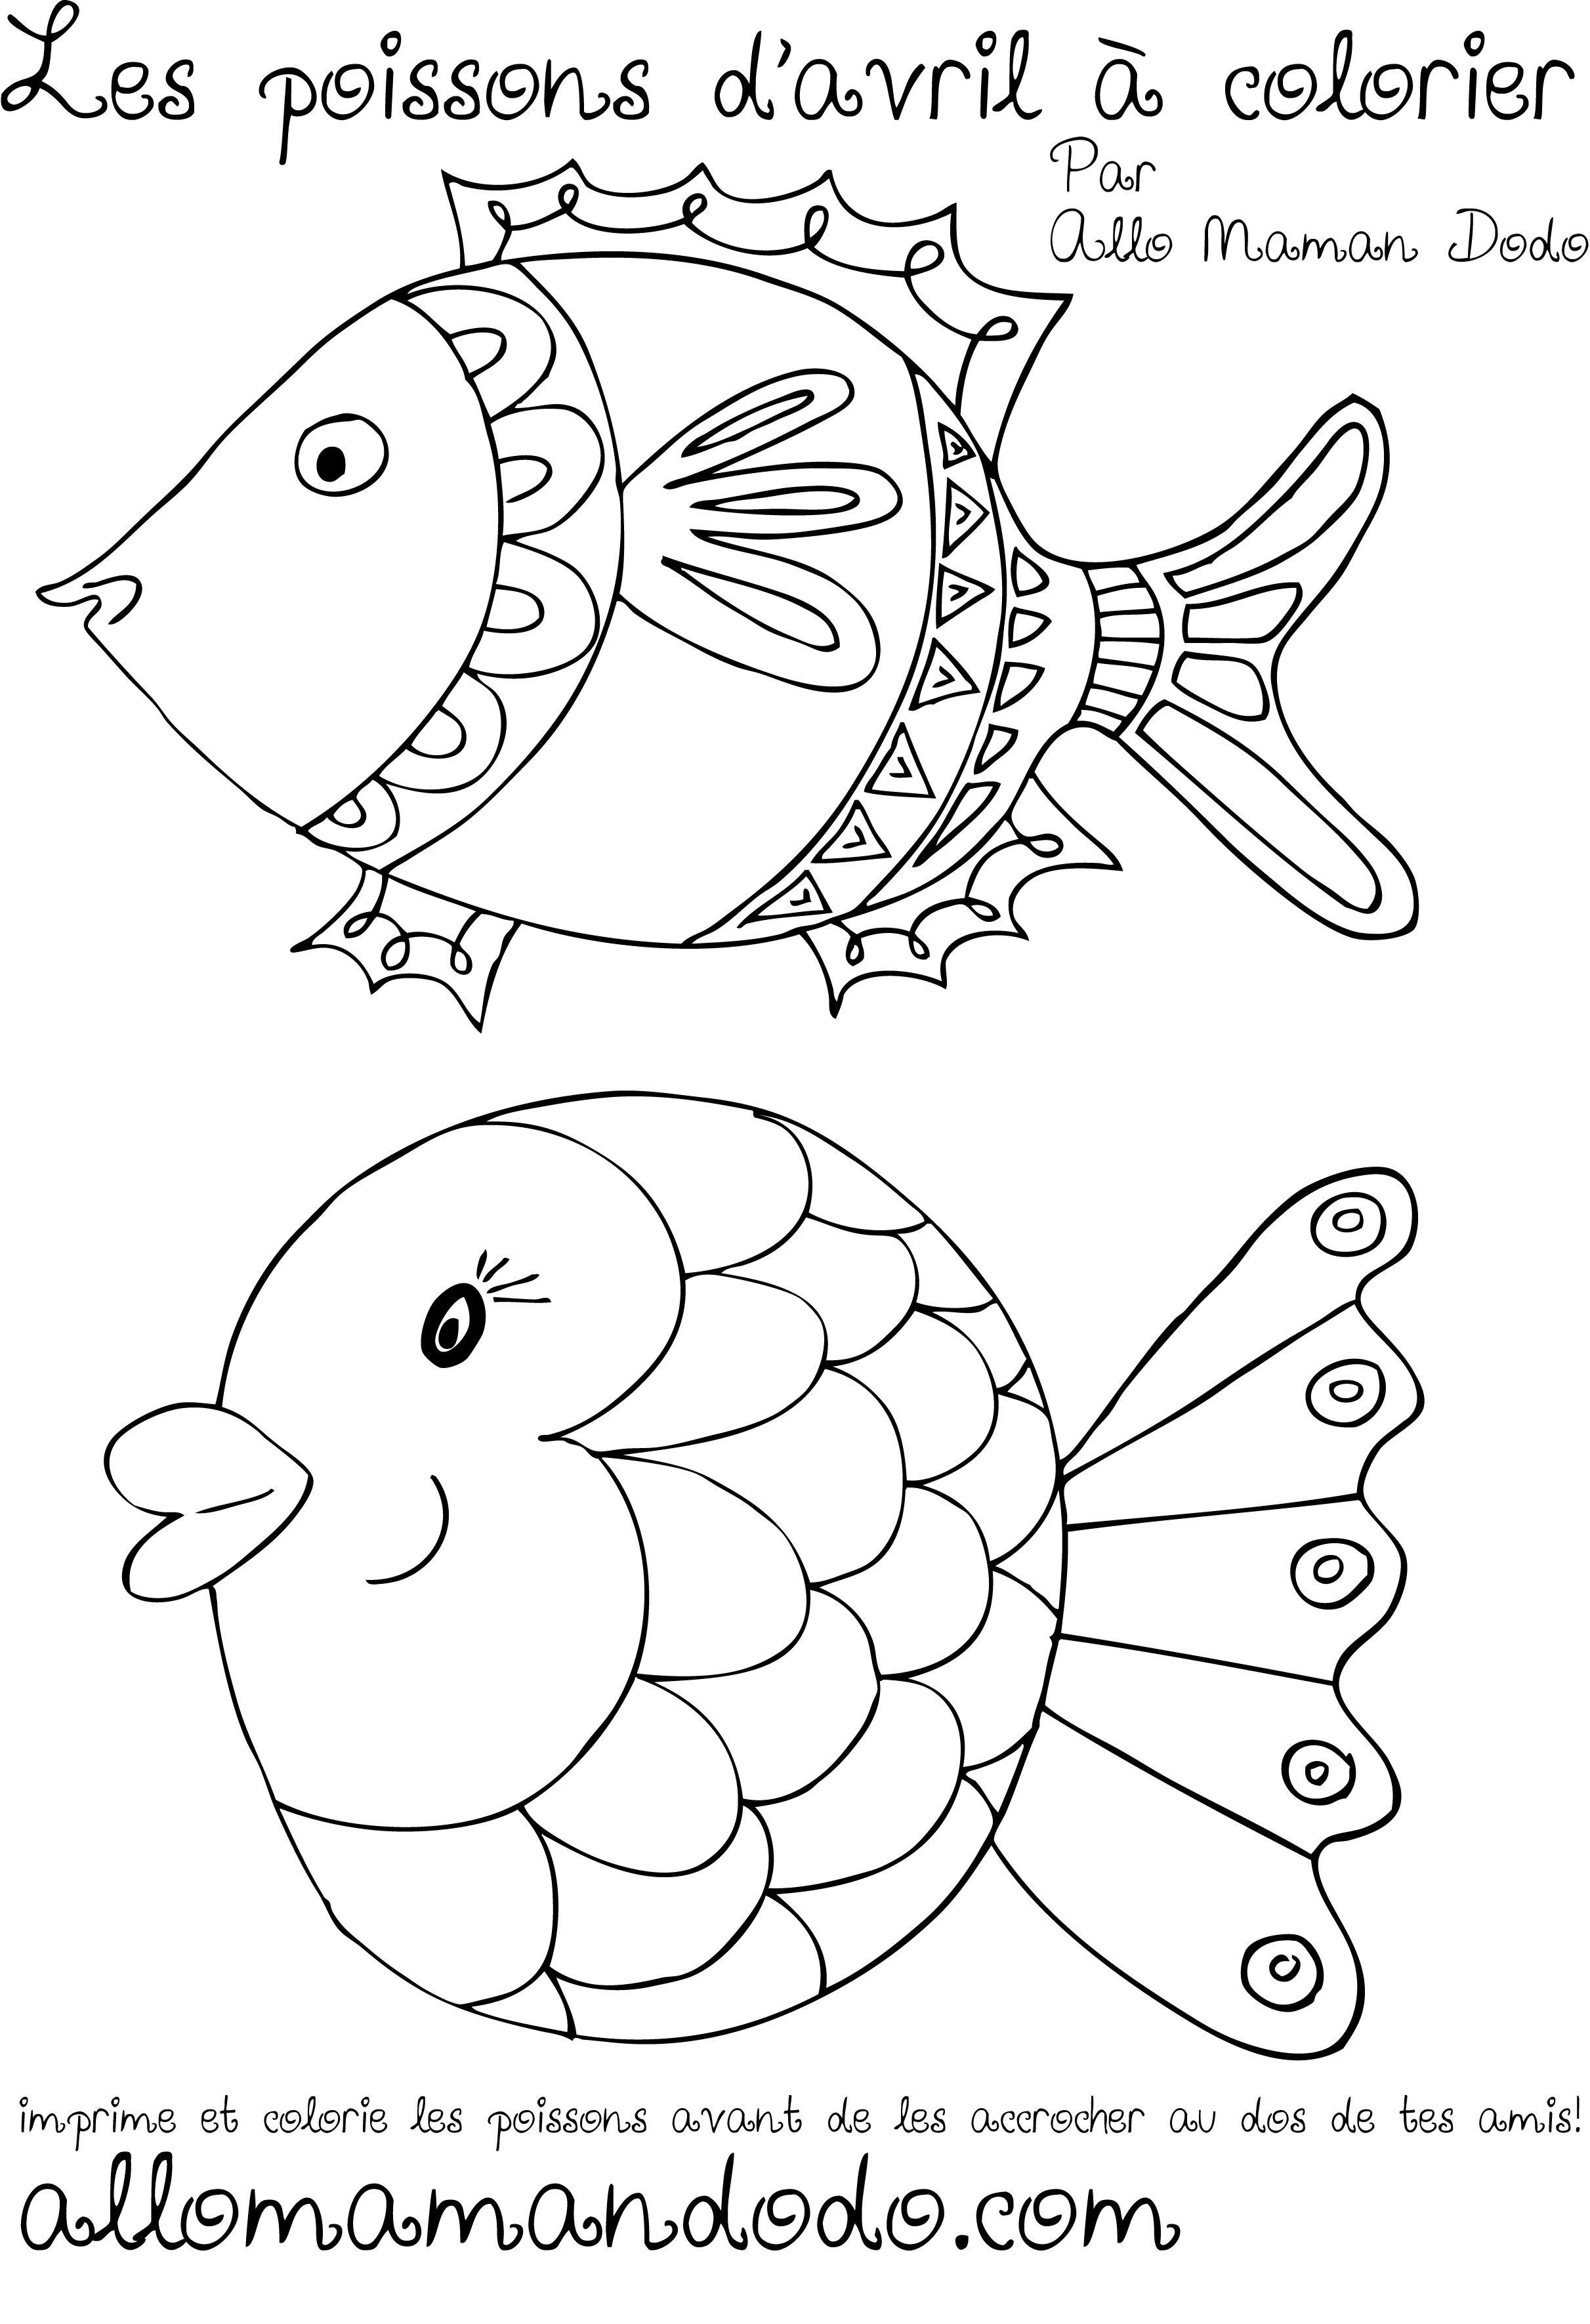 Coloriage Poisson Davril Mandala.Des Poissons A Imprimer Colorier Et Accrocher Poisson D Avril